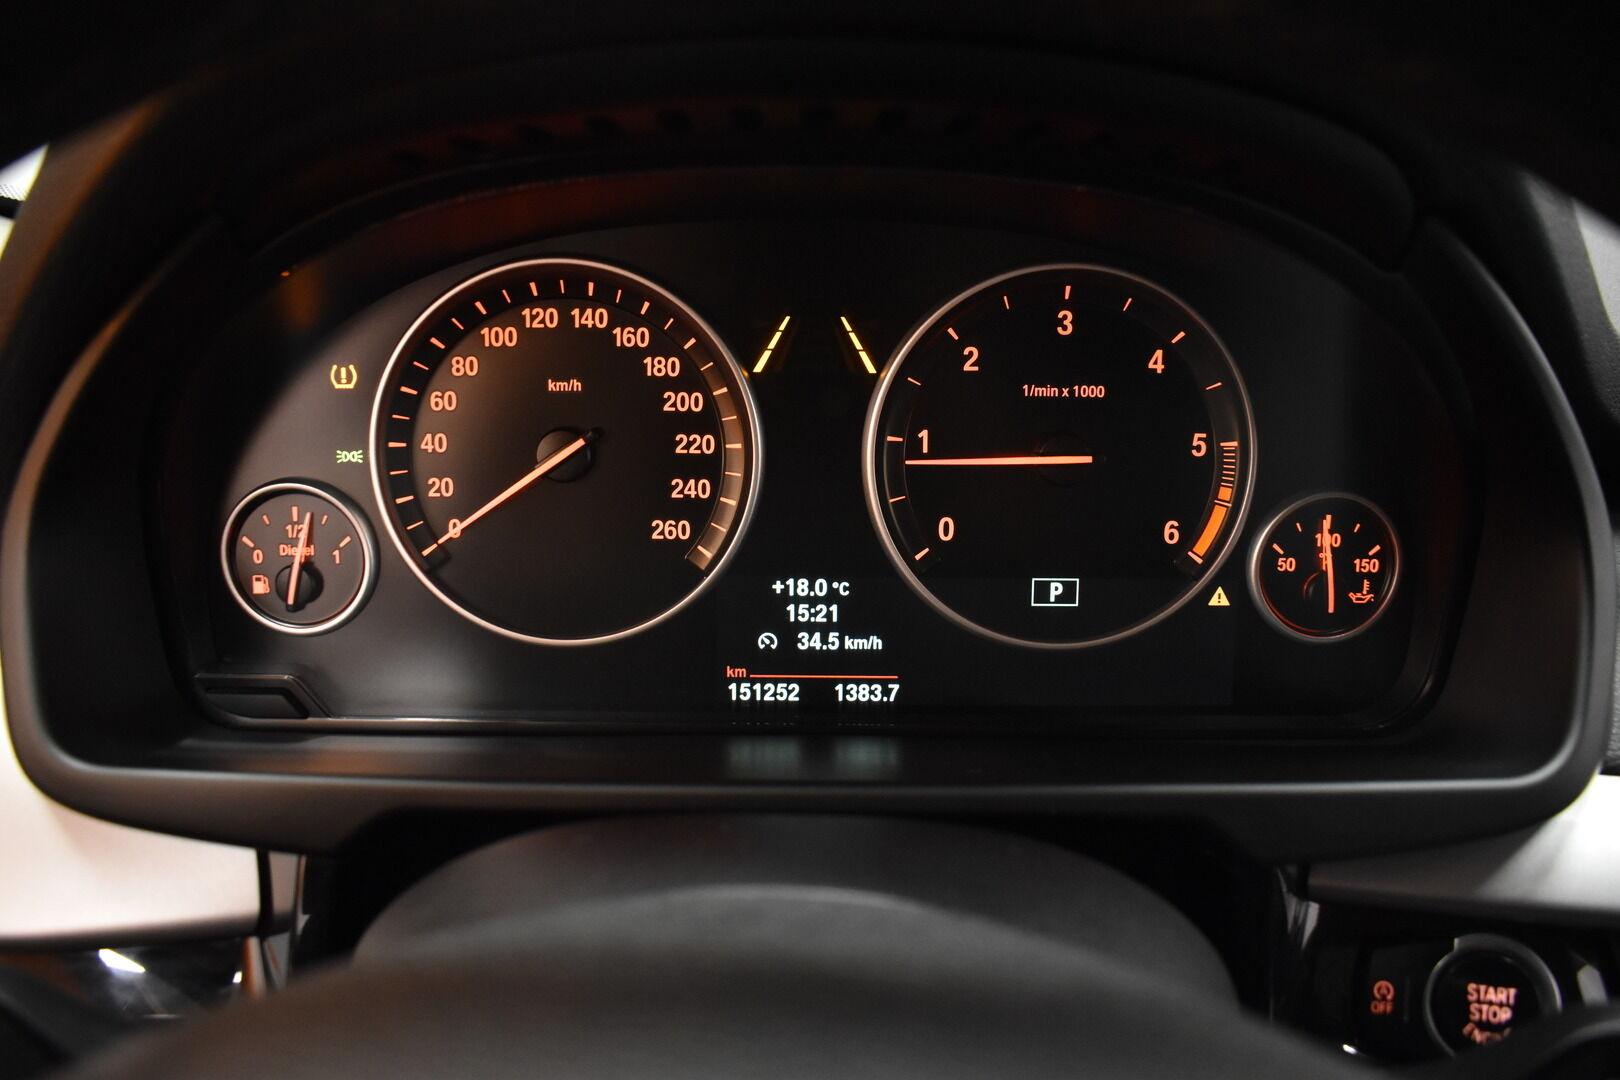 Musta Maastoauto, BMW X5 – LOH-812, kuva 16